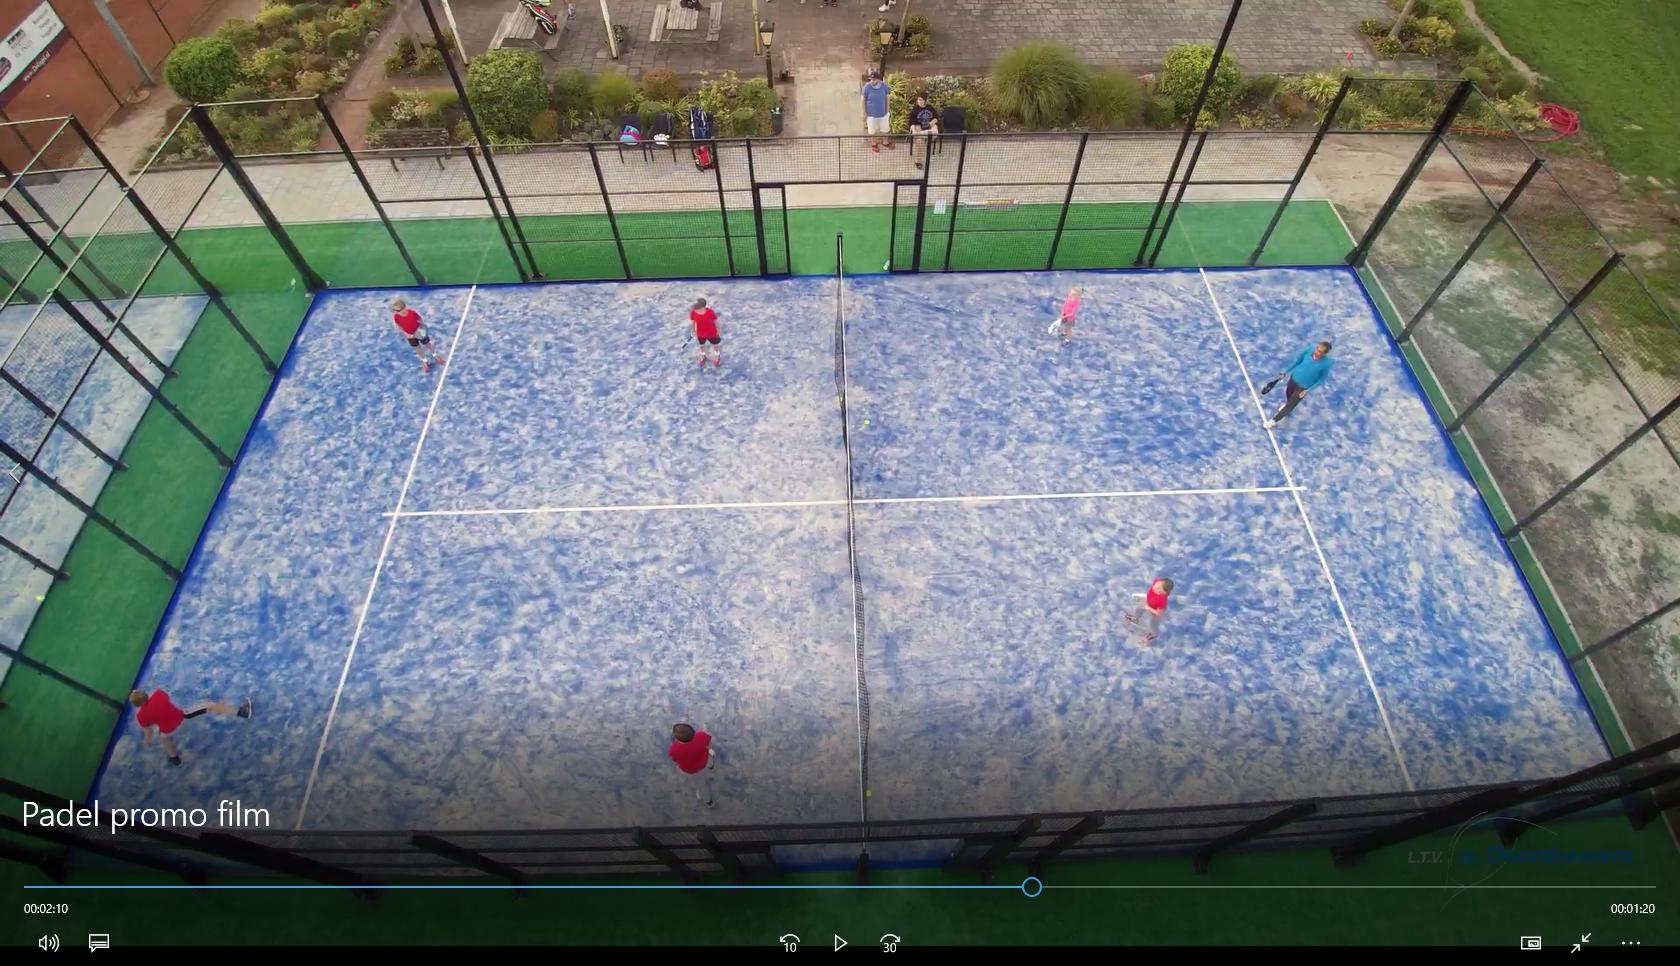 Padel is een racketsport. Een racket sport met ingrediënten van onder  andere tennis df3daa44a4598